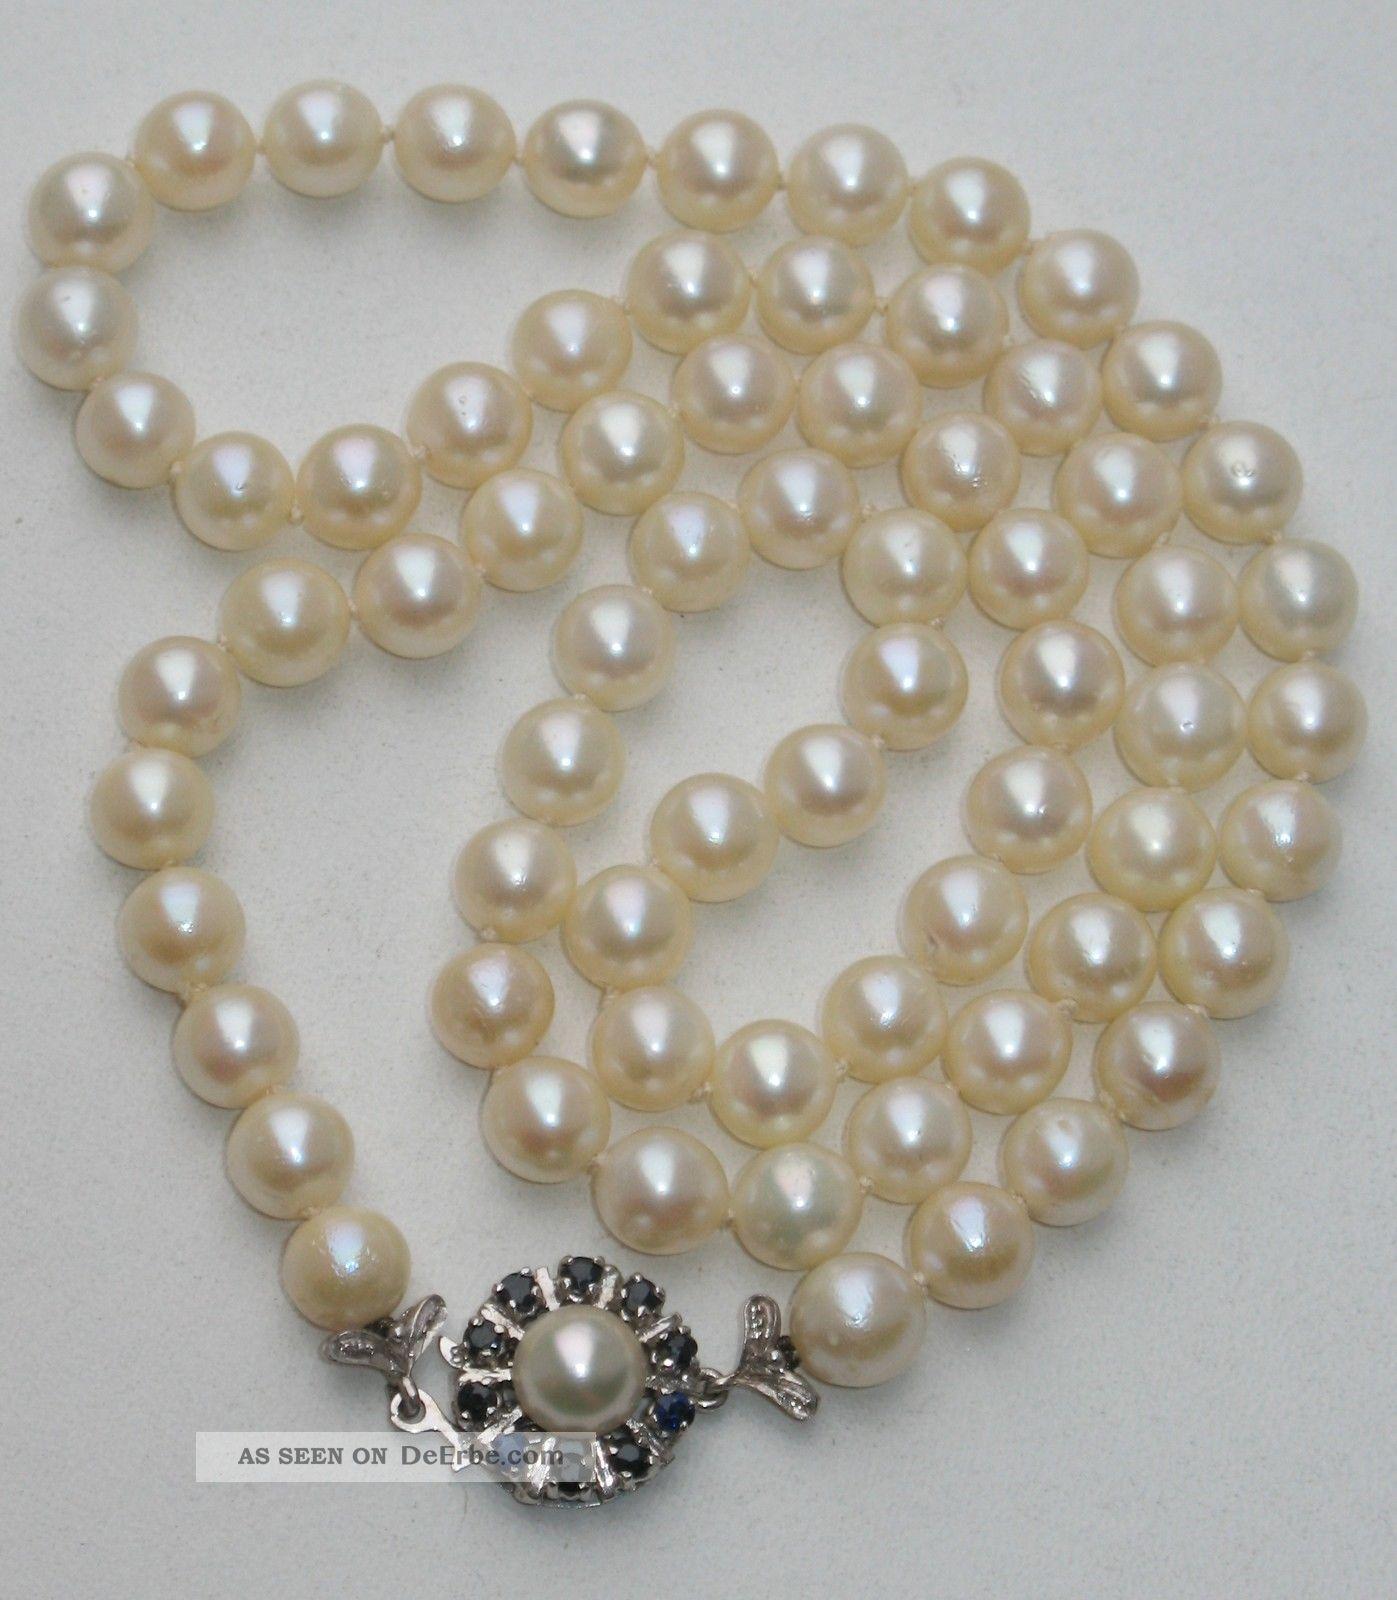 jugendstil 0 7 cm echte perlen saphir kette collier perlenkette 585er wei gold. Black Bedroom Furniture Sets. Home Design Ideas